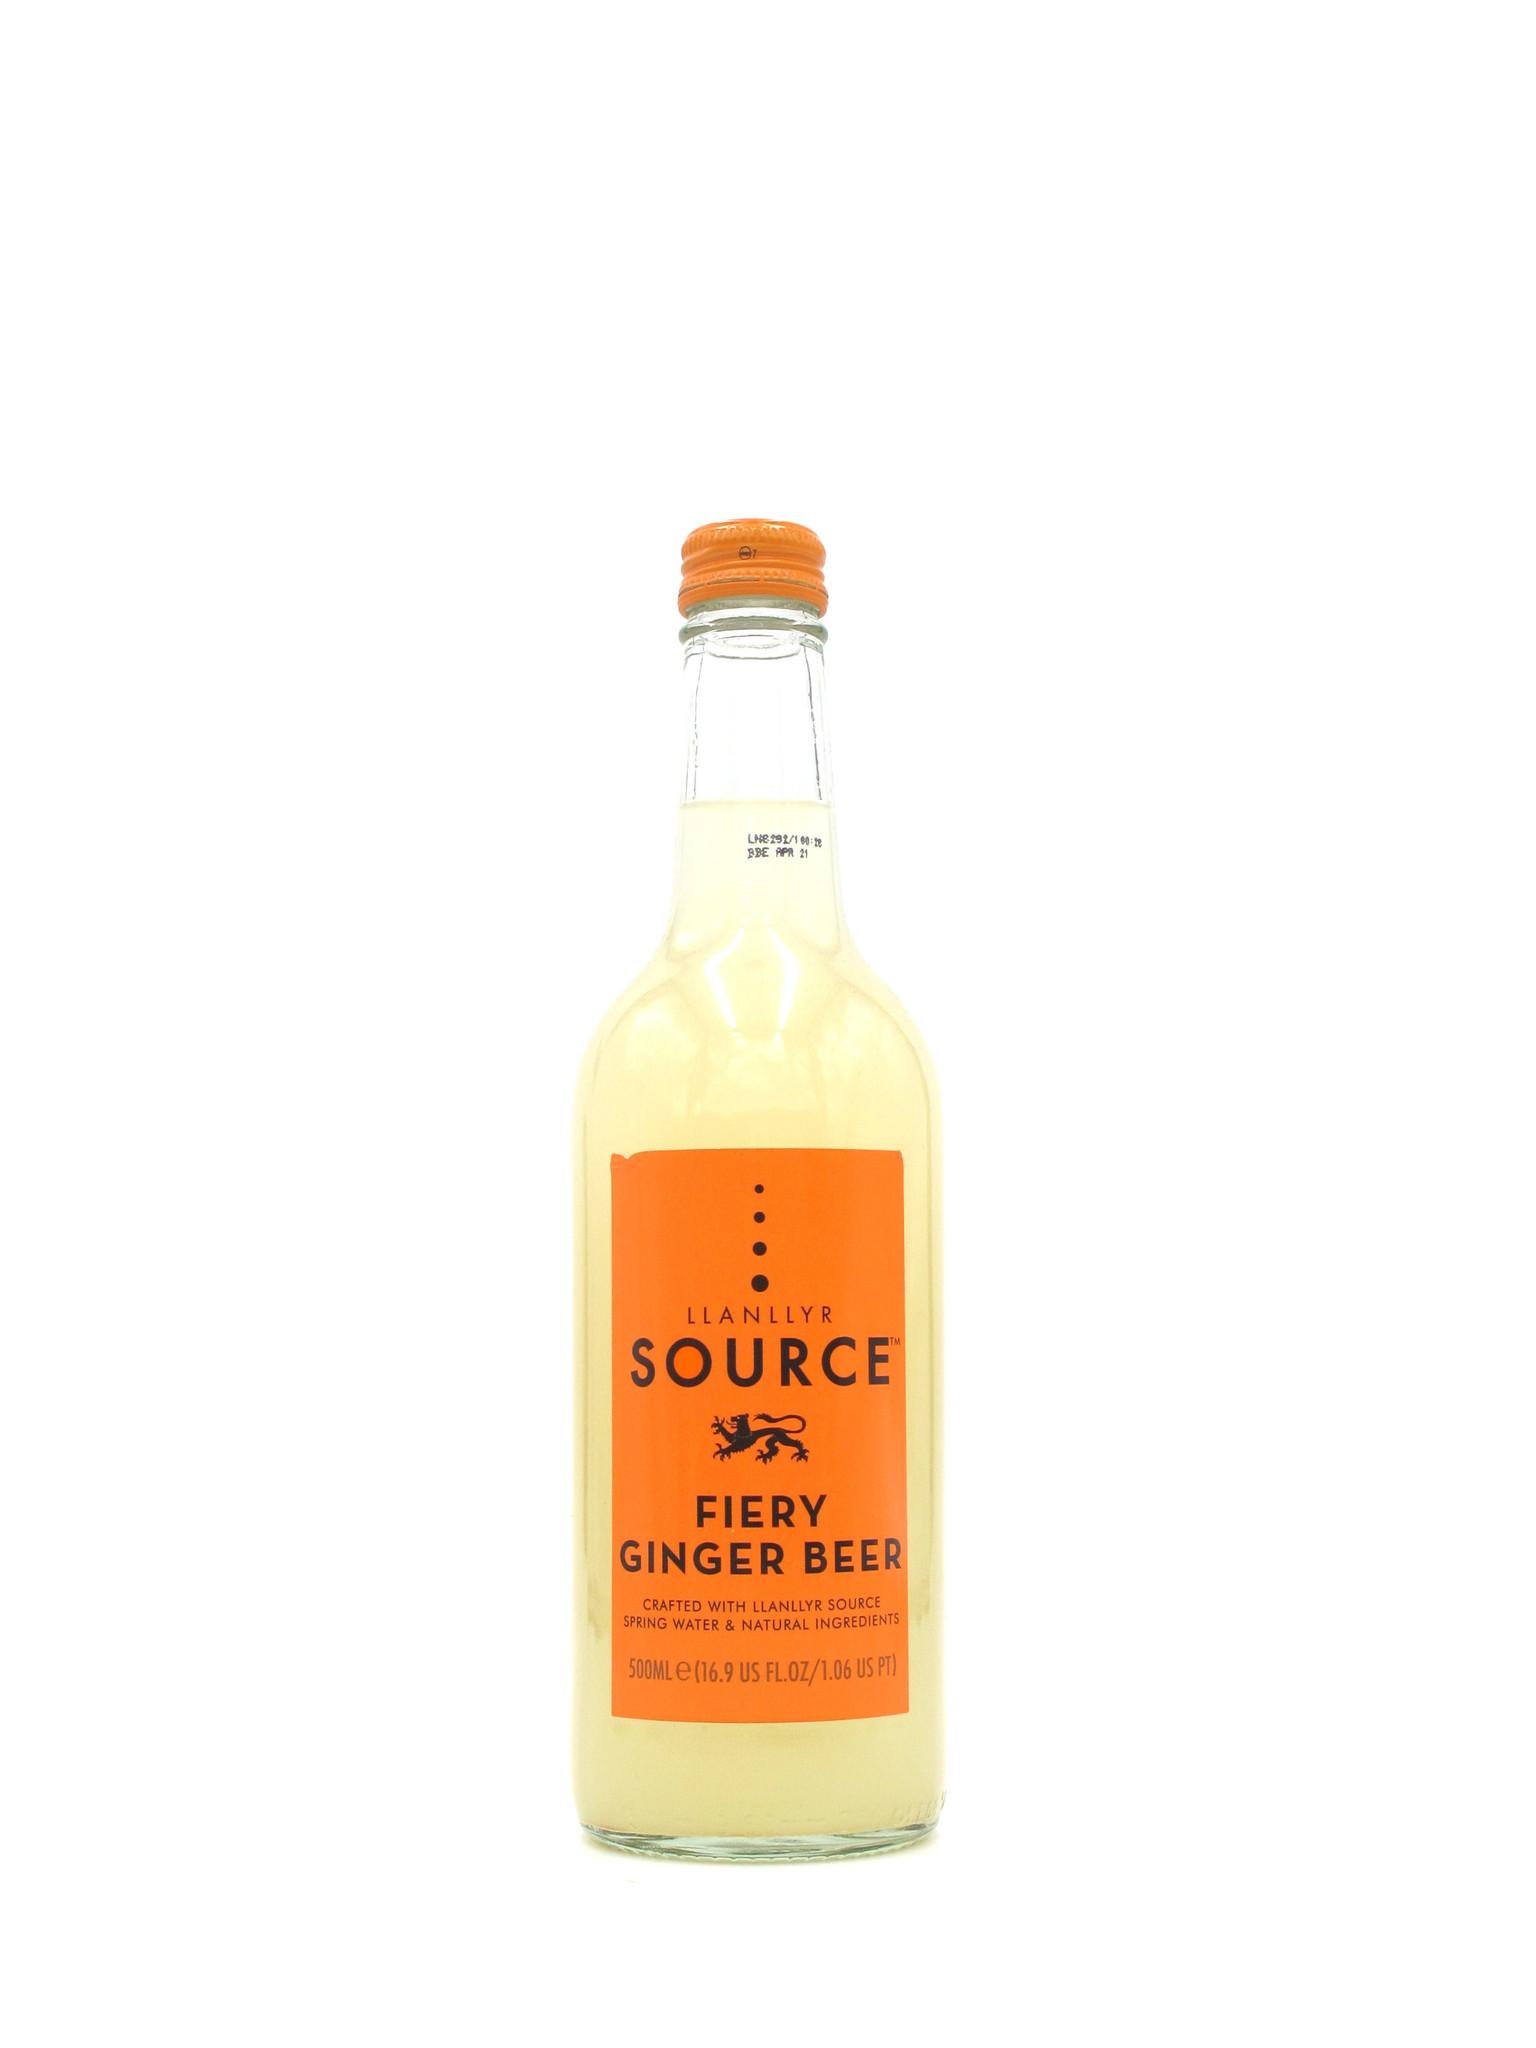 Llanllyr Llanllyr Source Fiery Ginger Beer 500ml